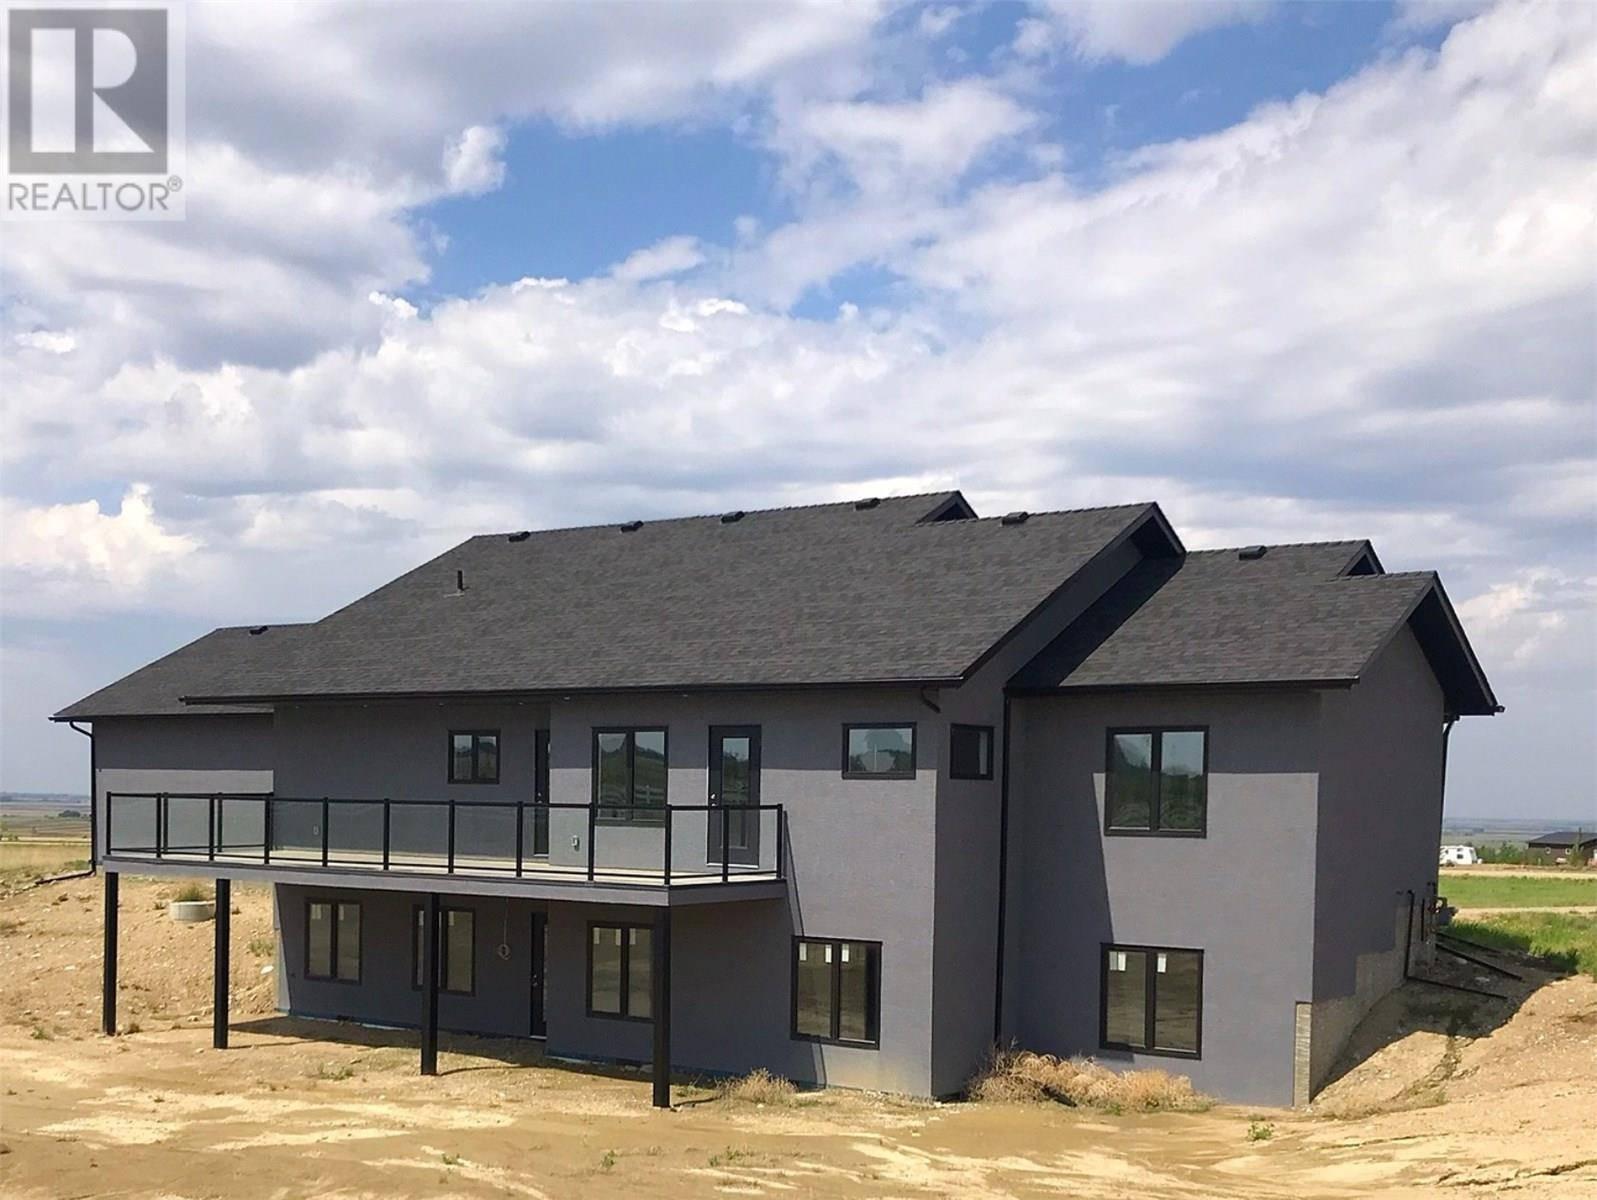 House for sale at 107 Deer Run Cres Aberdeen Rm No. 373 Saskatchewan - MLS: SK768575